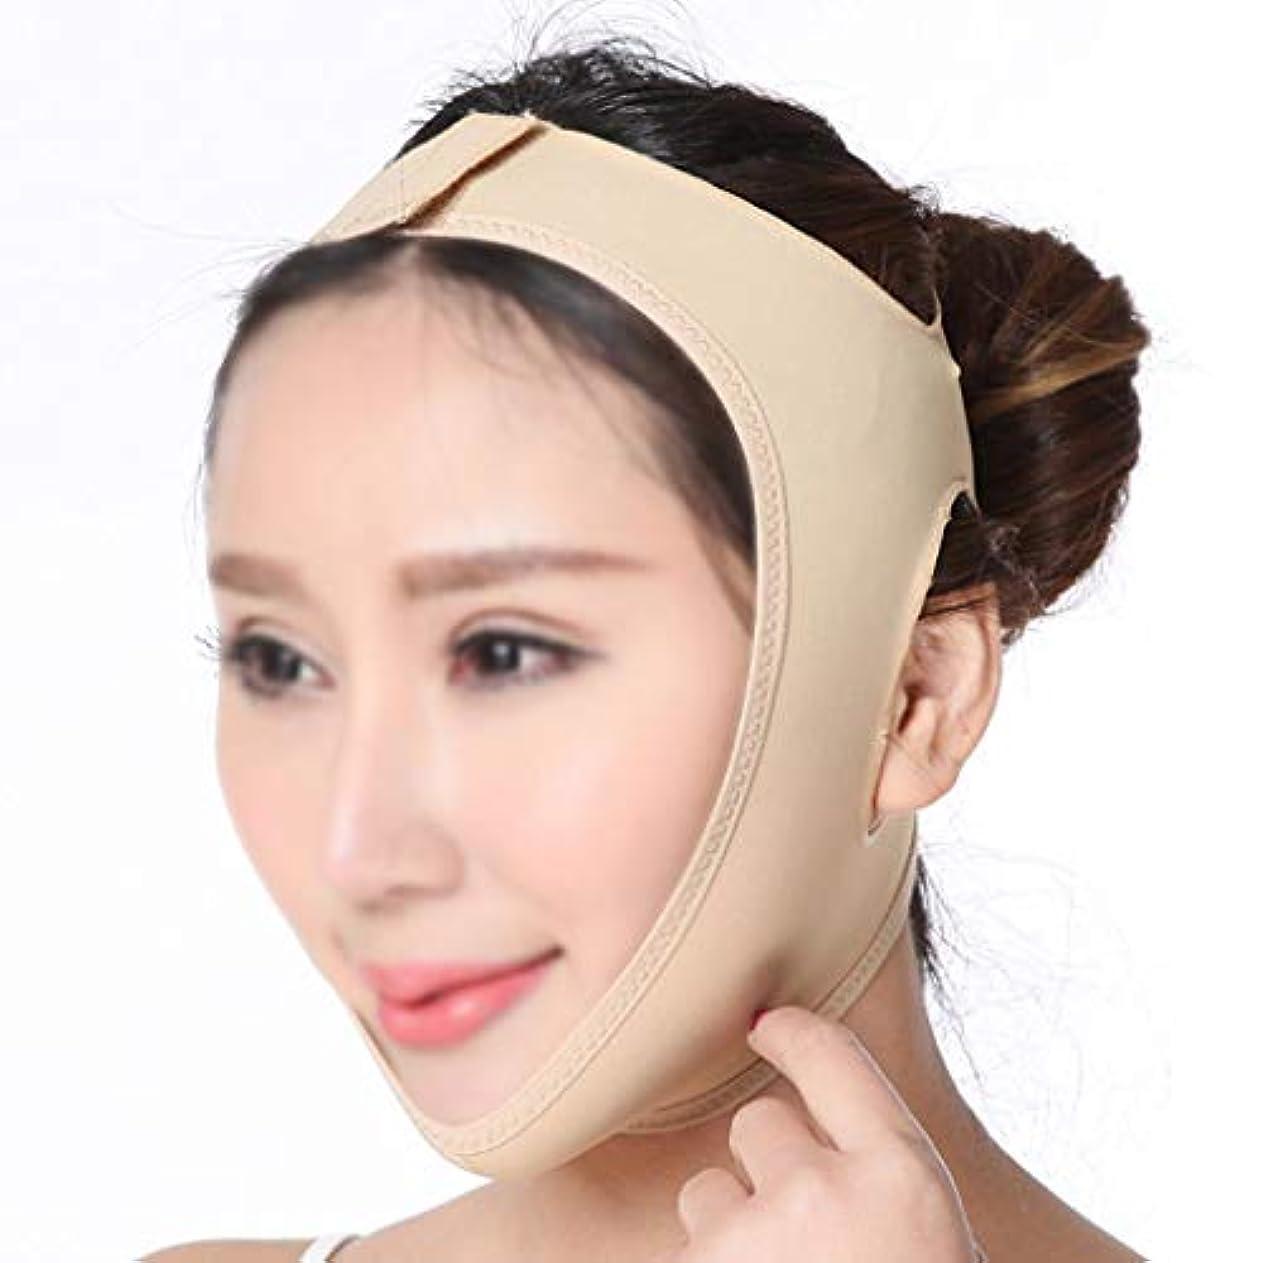 アラート他の場所間違えたGLJJQMY 薄い顔のアーティファクトVマスク薄い顔の包帯/顔の引き締め痩身包帯通気性二重あご減量マスク 顔用整形マスク (Size : L)